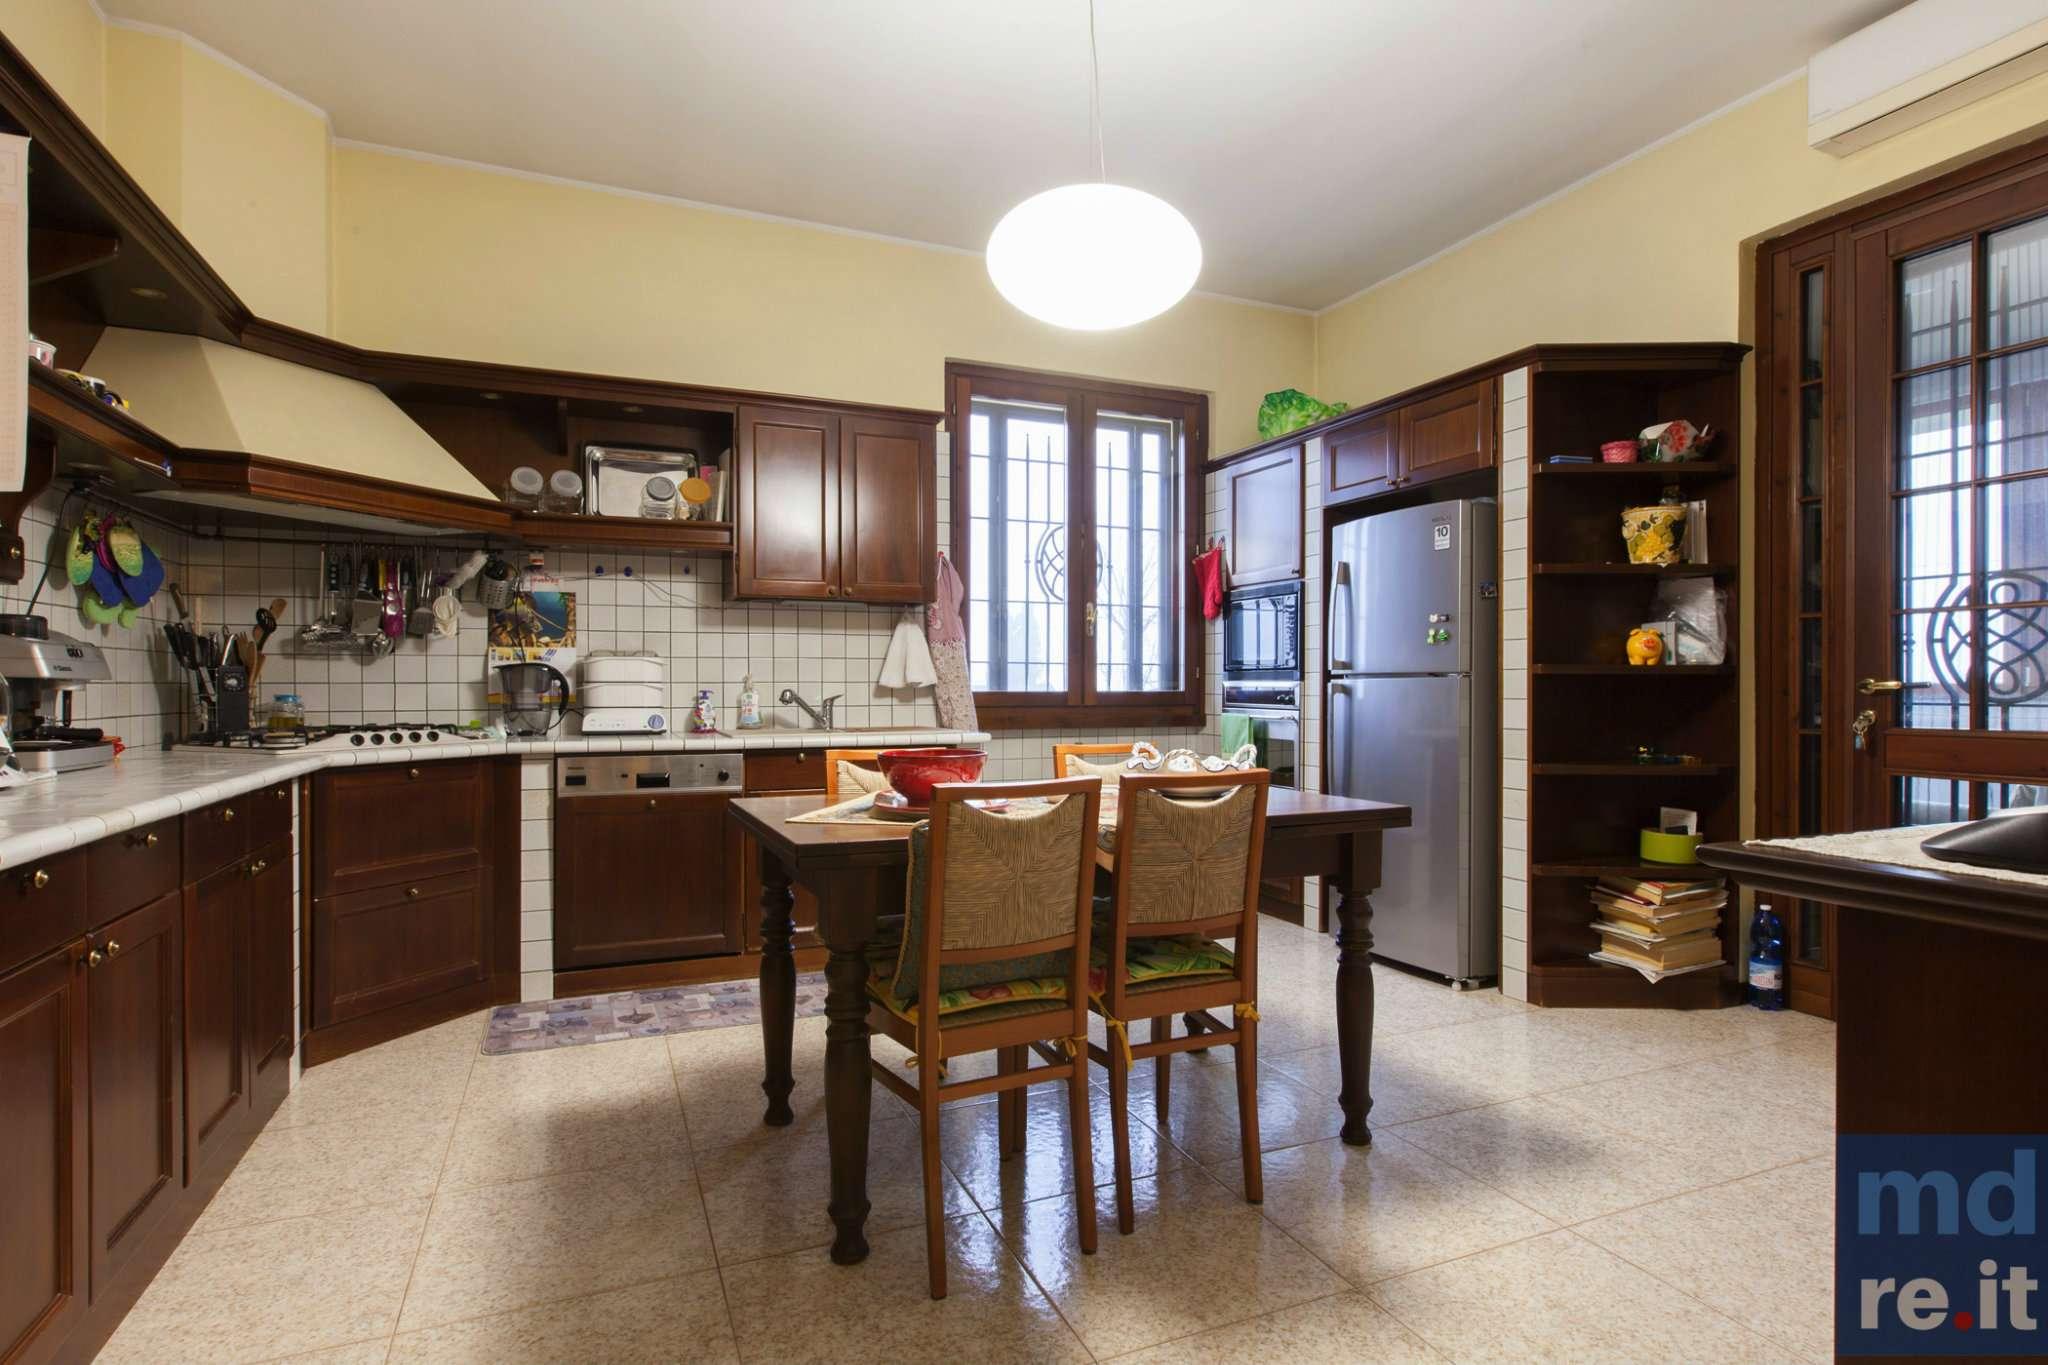 Soluzione Indipendente in vendita a Pieve Fissiraga, 7 locali, prezzo € 650.000 | Cambio Casa.it